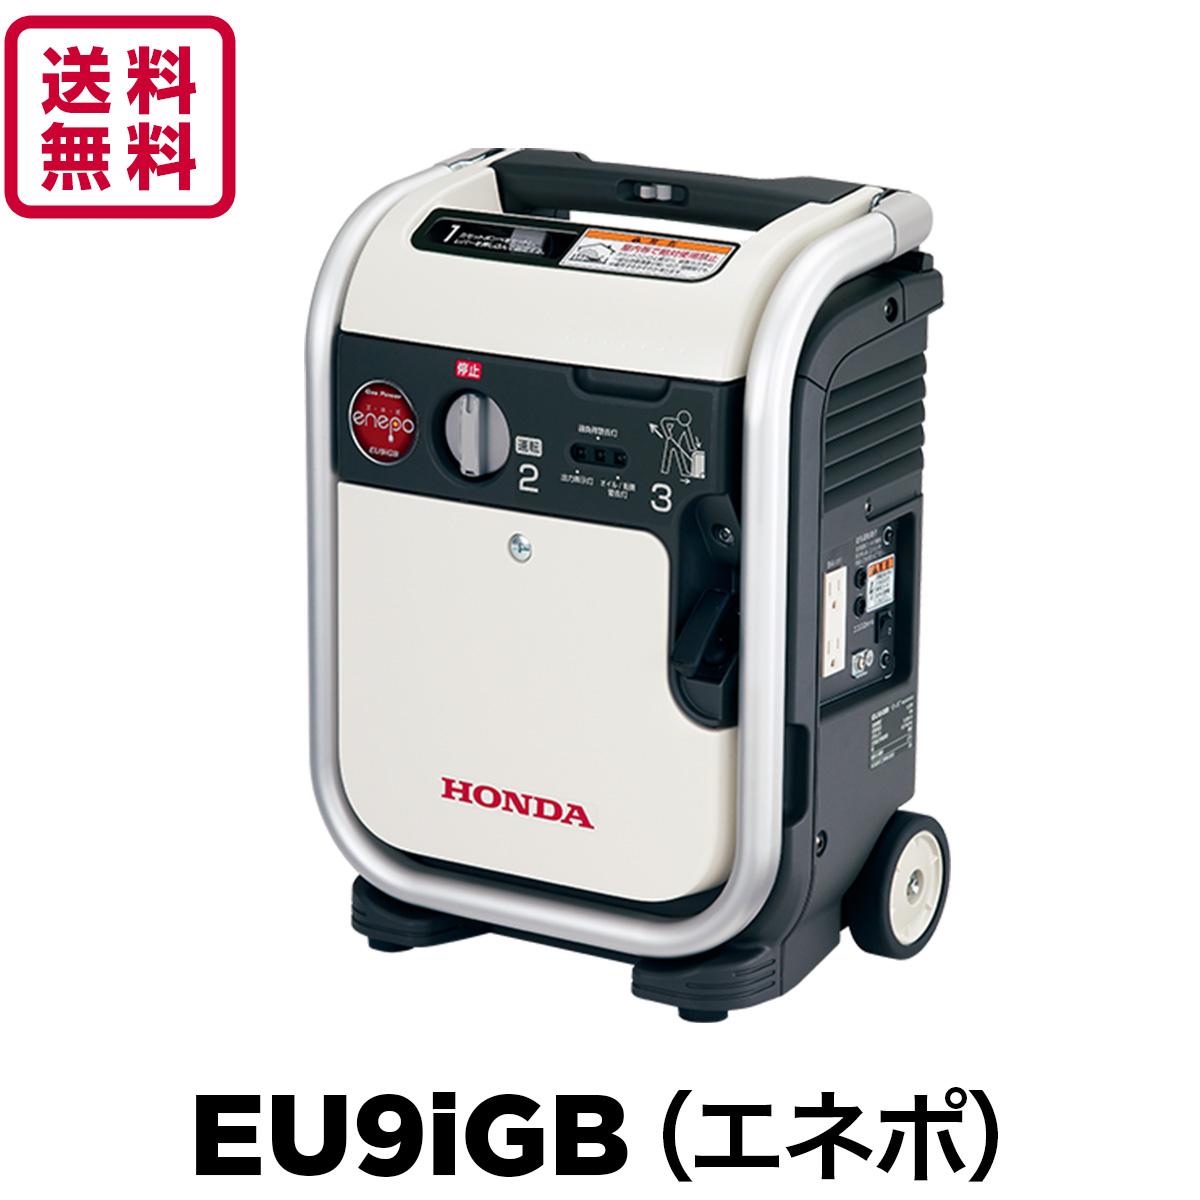 【11月入荷予定】【送料無料】ホンダ HONDA EU9iGB ガス 発電機 エネポ enepo